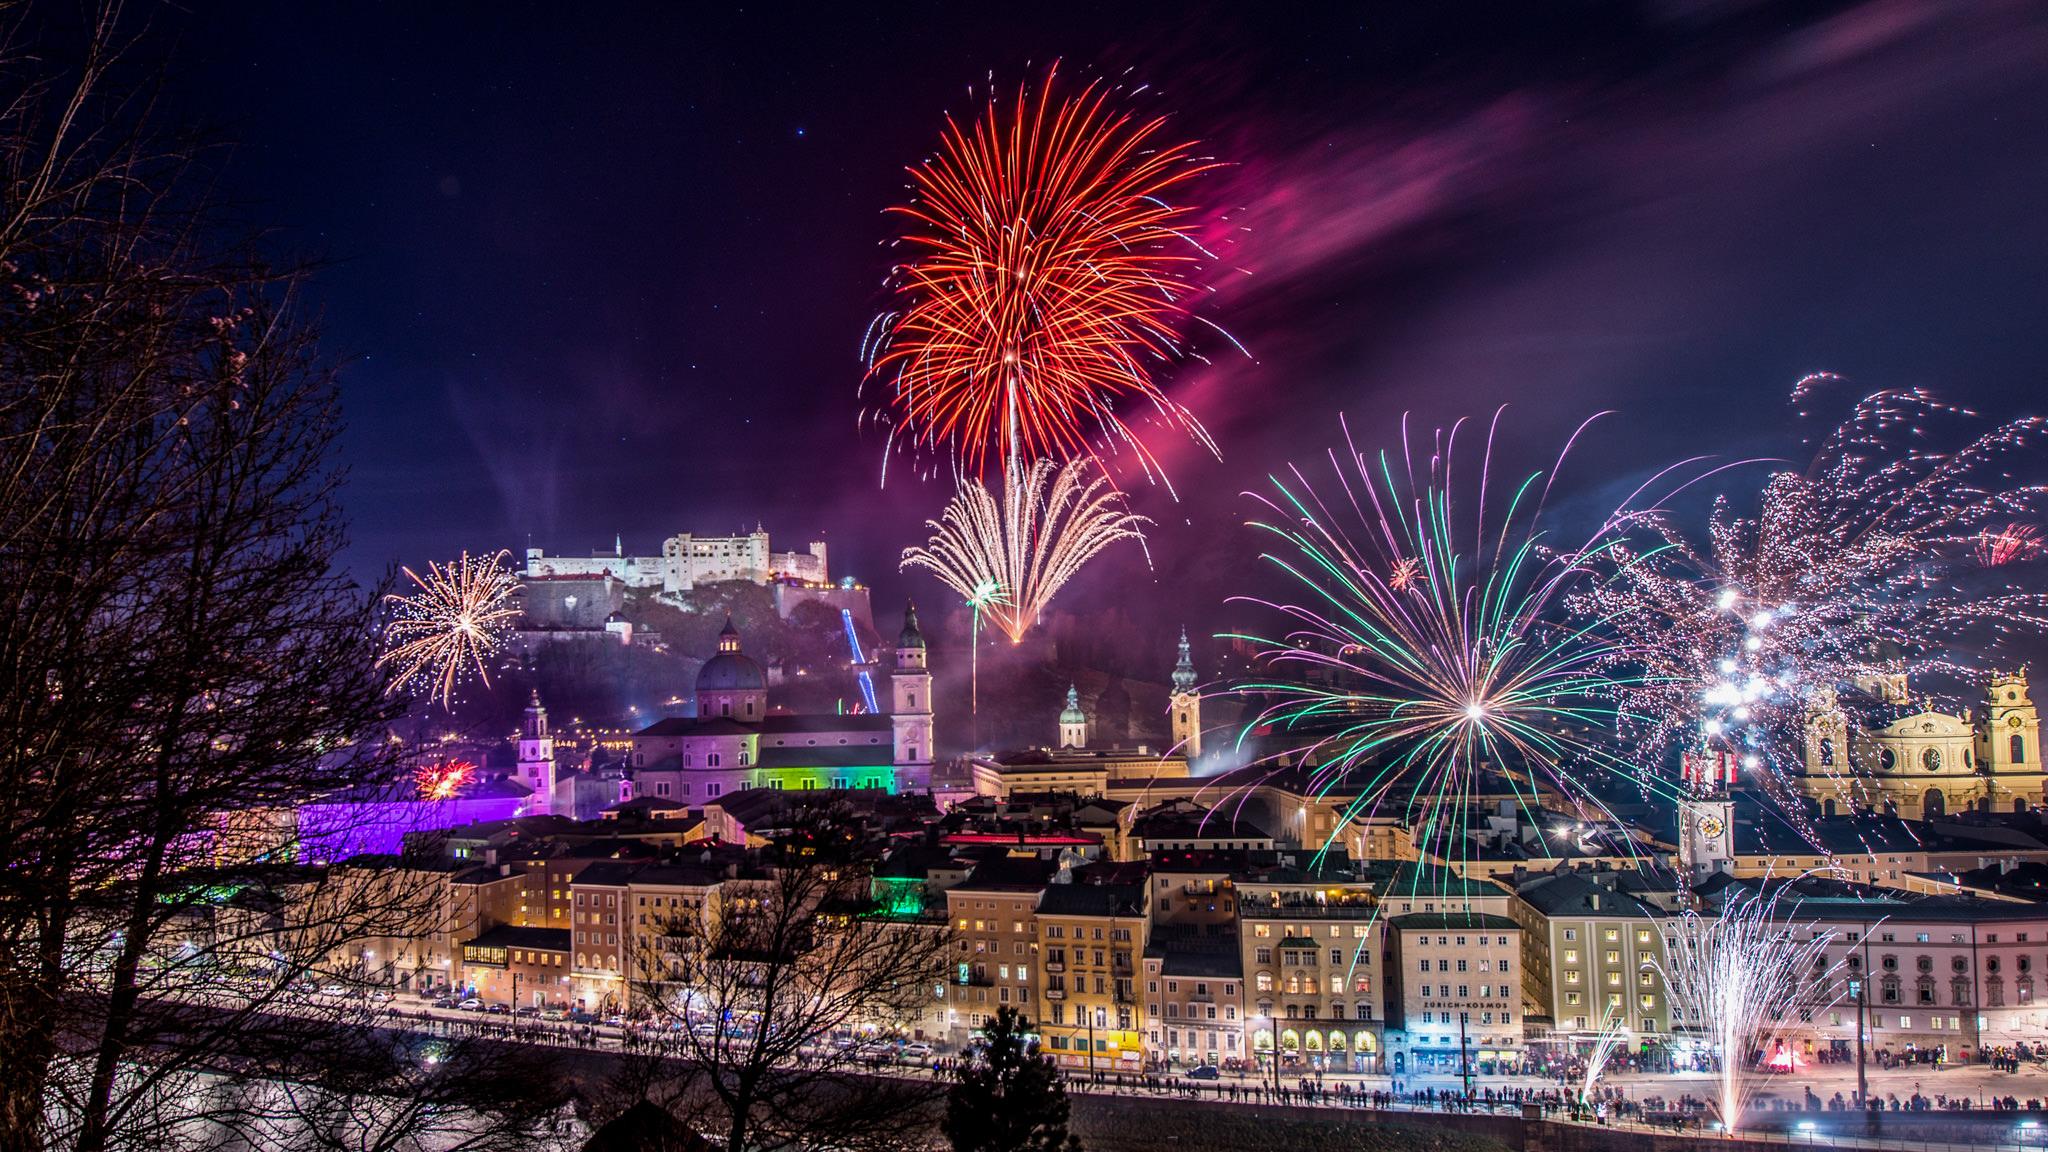 Магия Нового года. Новый год в Вене.